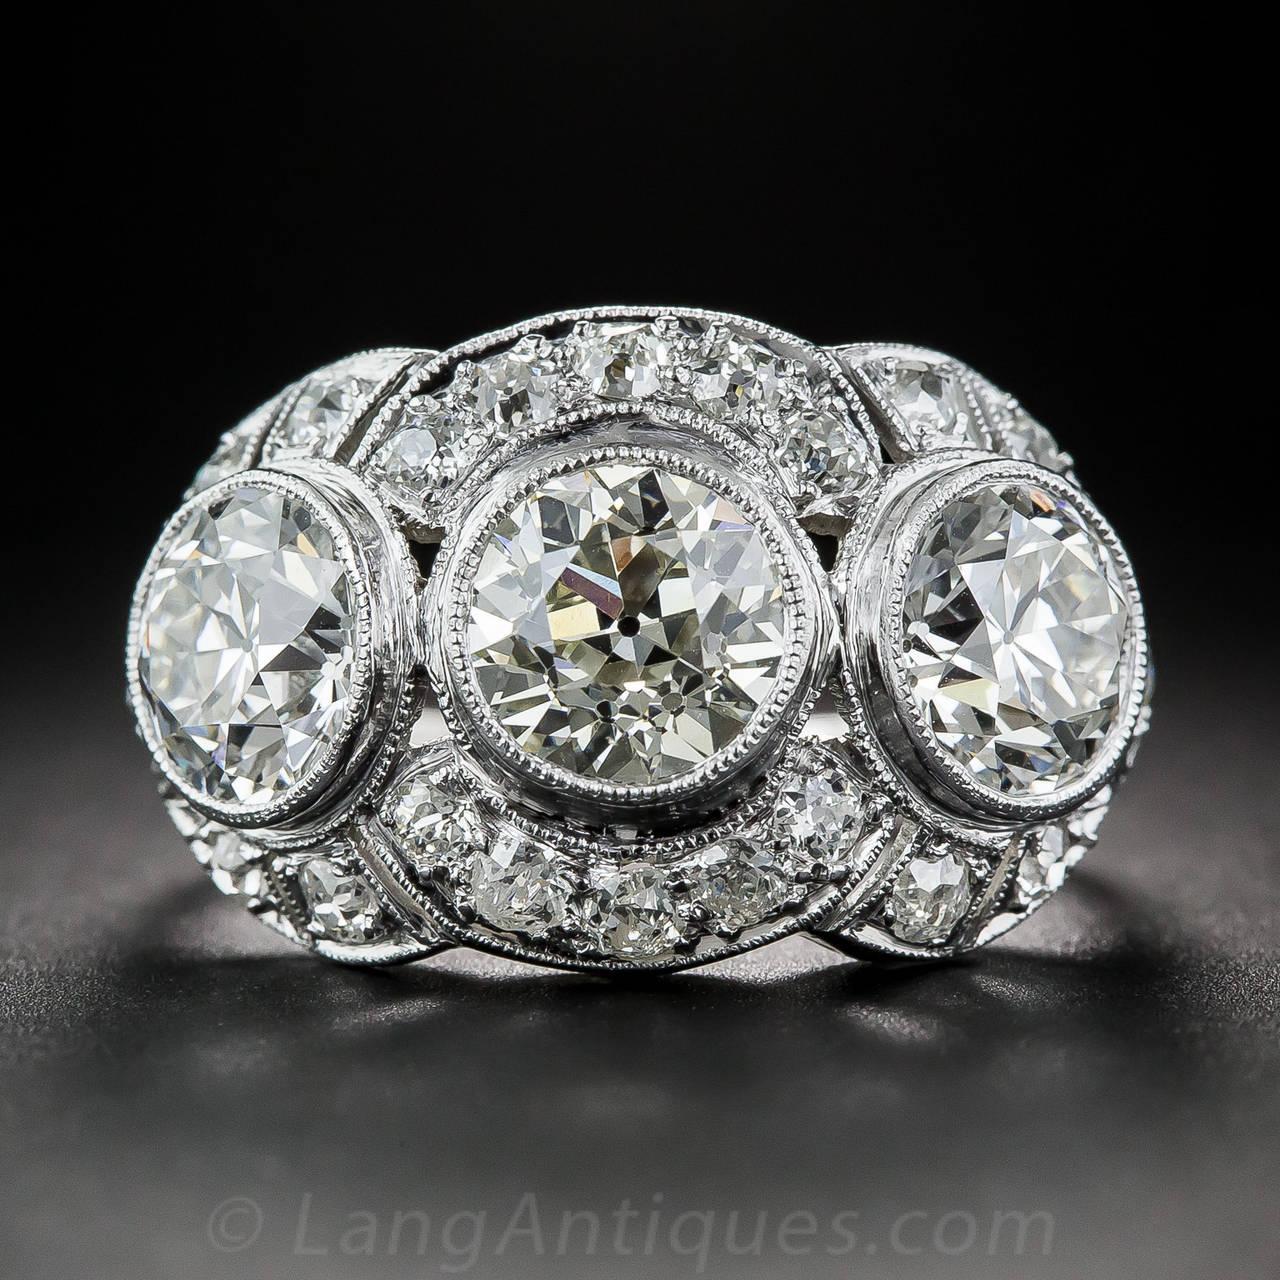 Art Deco 3 65 Carat Diamond Platinum Three Stone Ring For